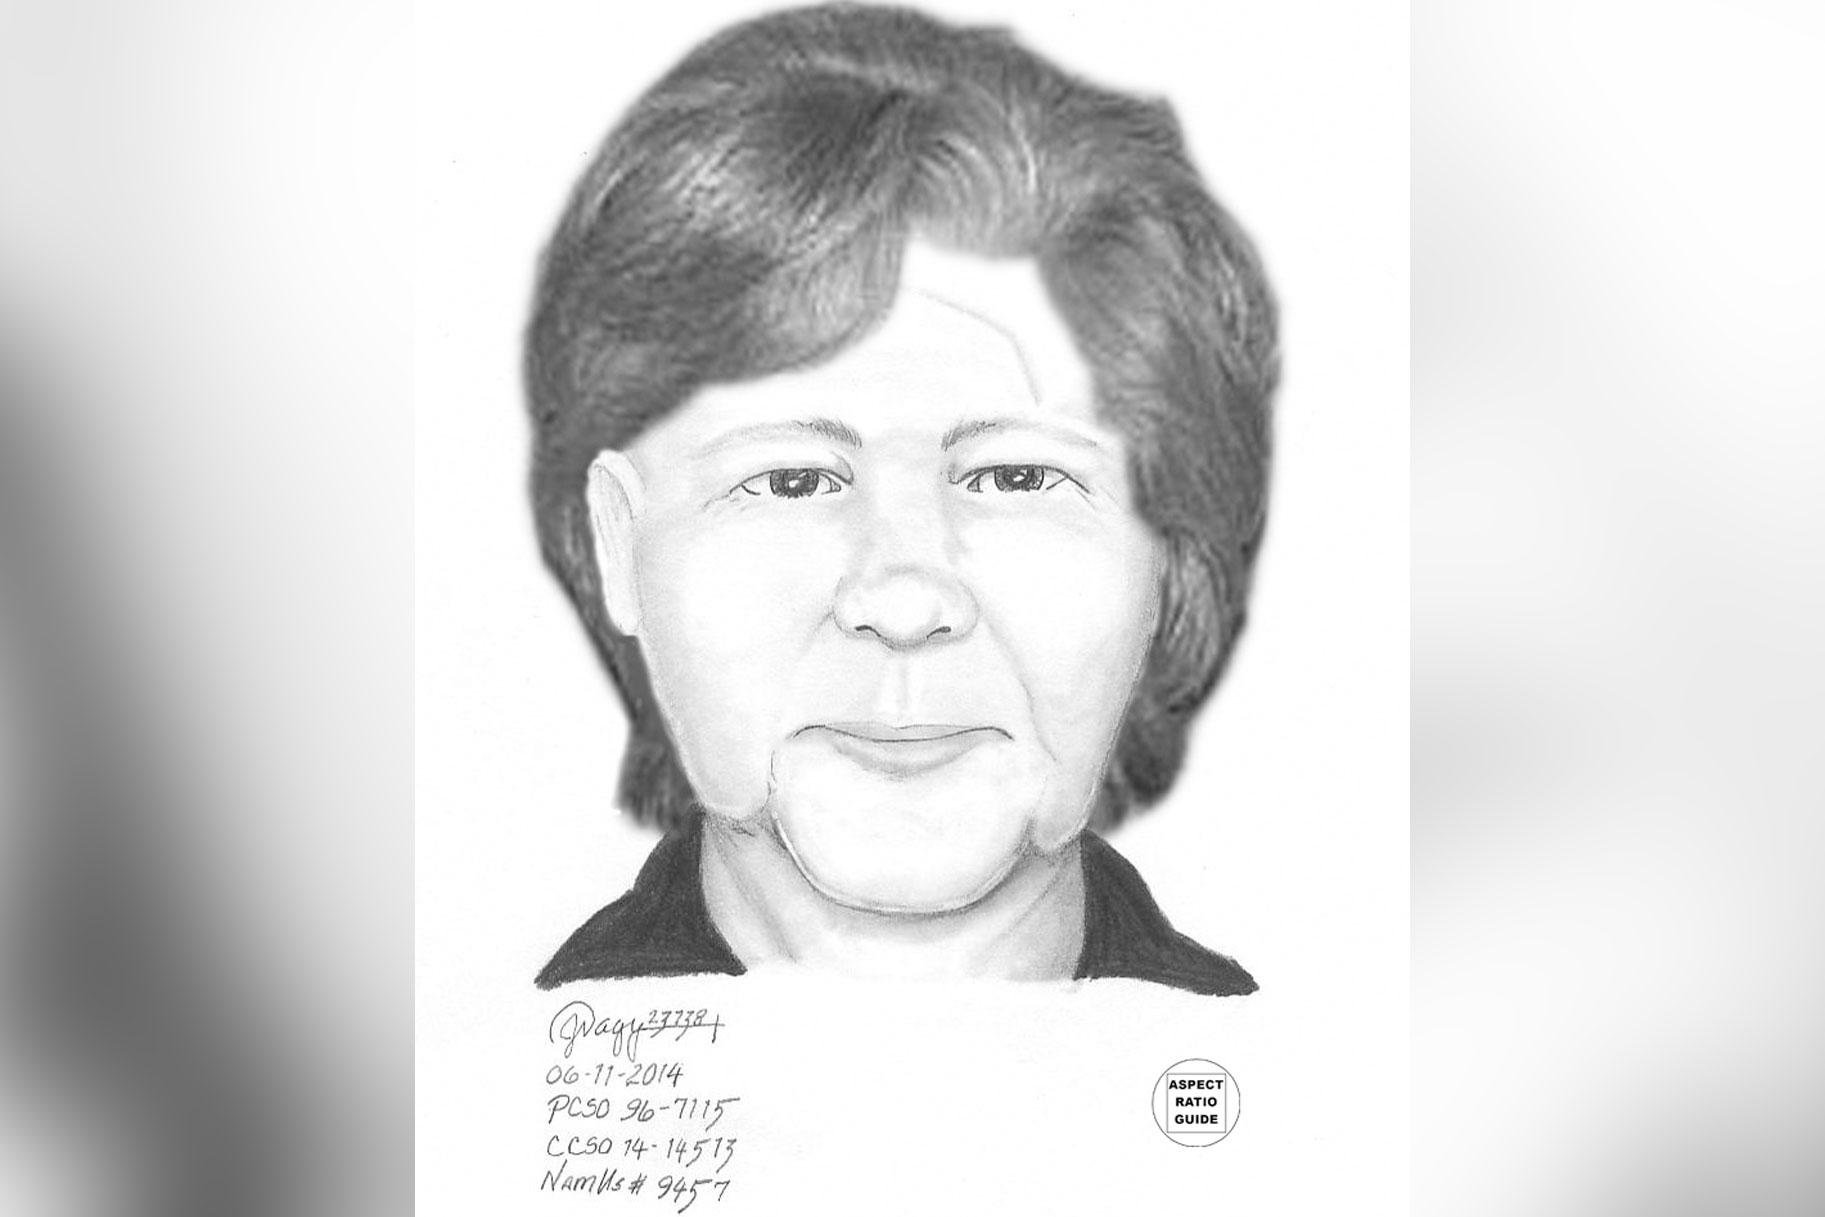 'Jeg vil give hendes navn tilbage': Hvem er kroppen i 'The Jane Doe Murders'?